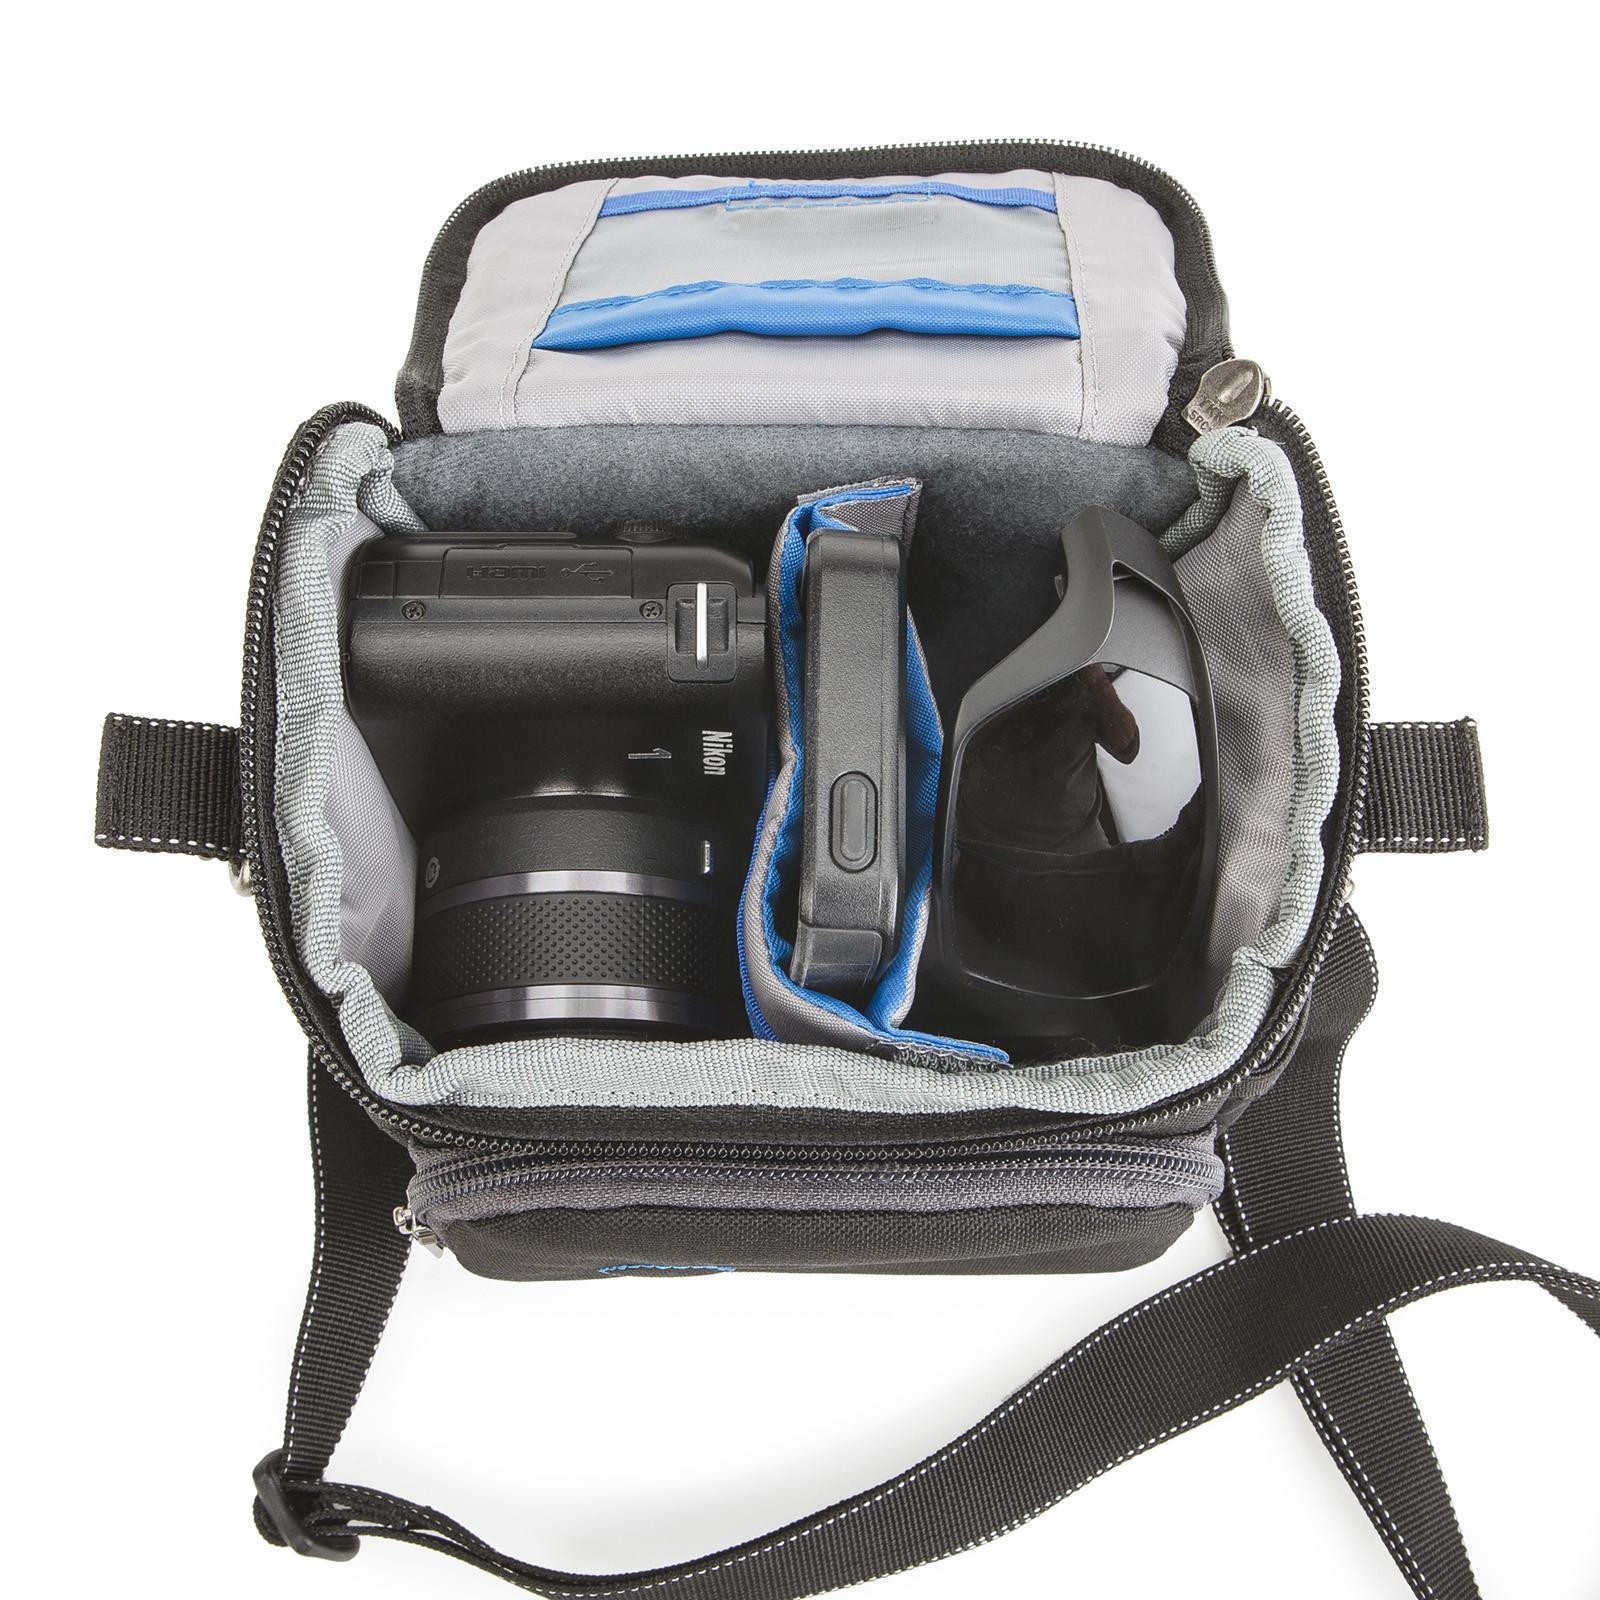 Think Tank Photo Mirrorless Mover 10 Camera Bag Black Charcoal